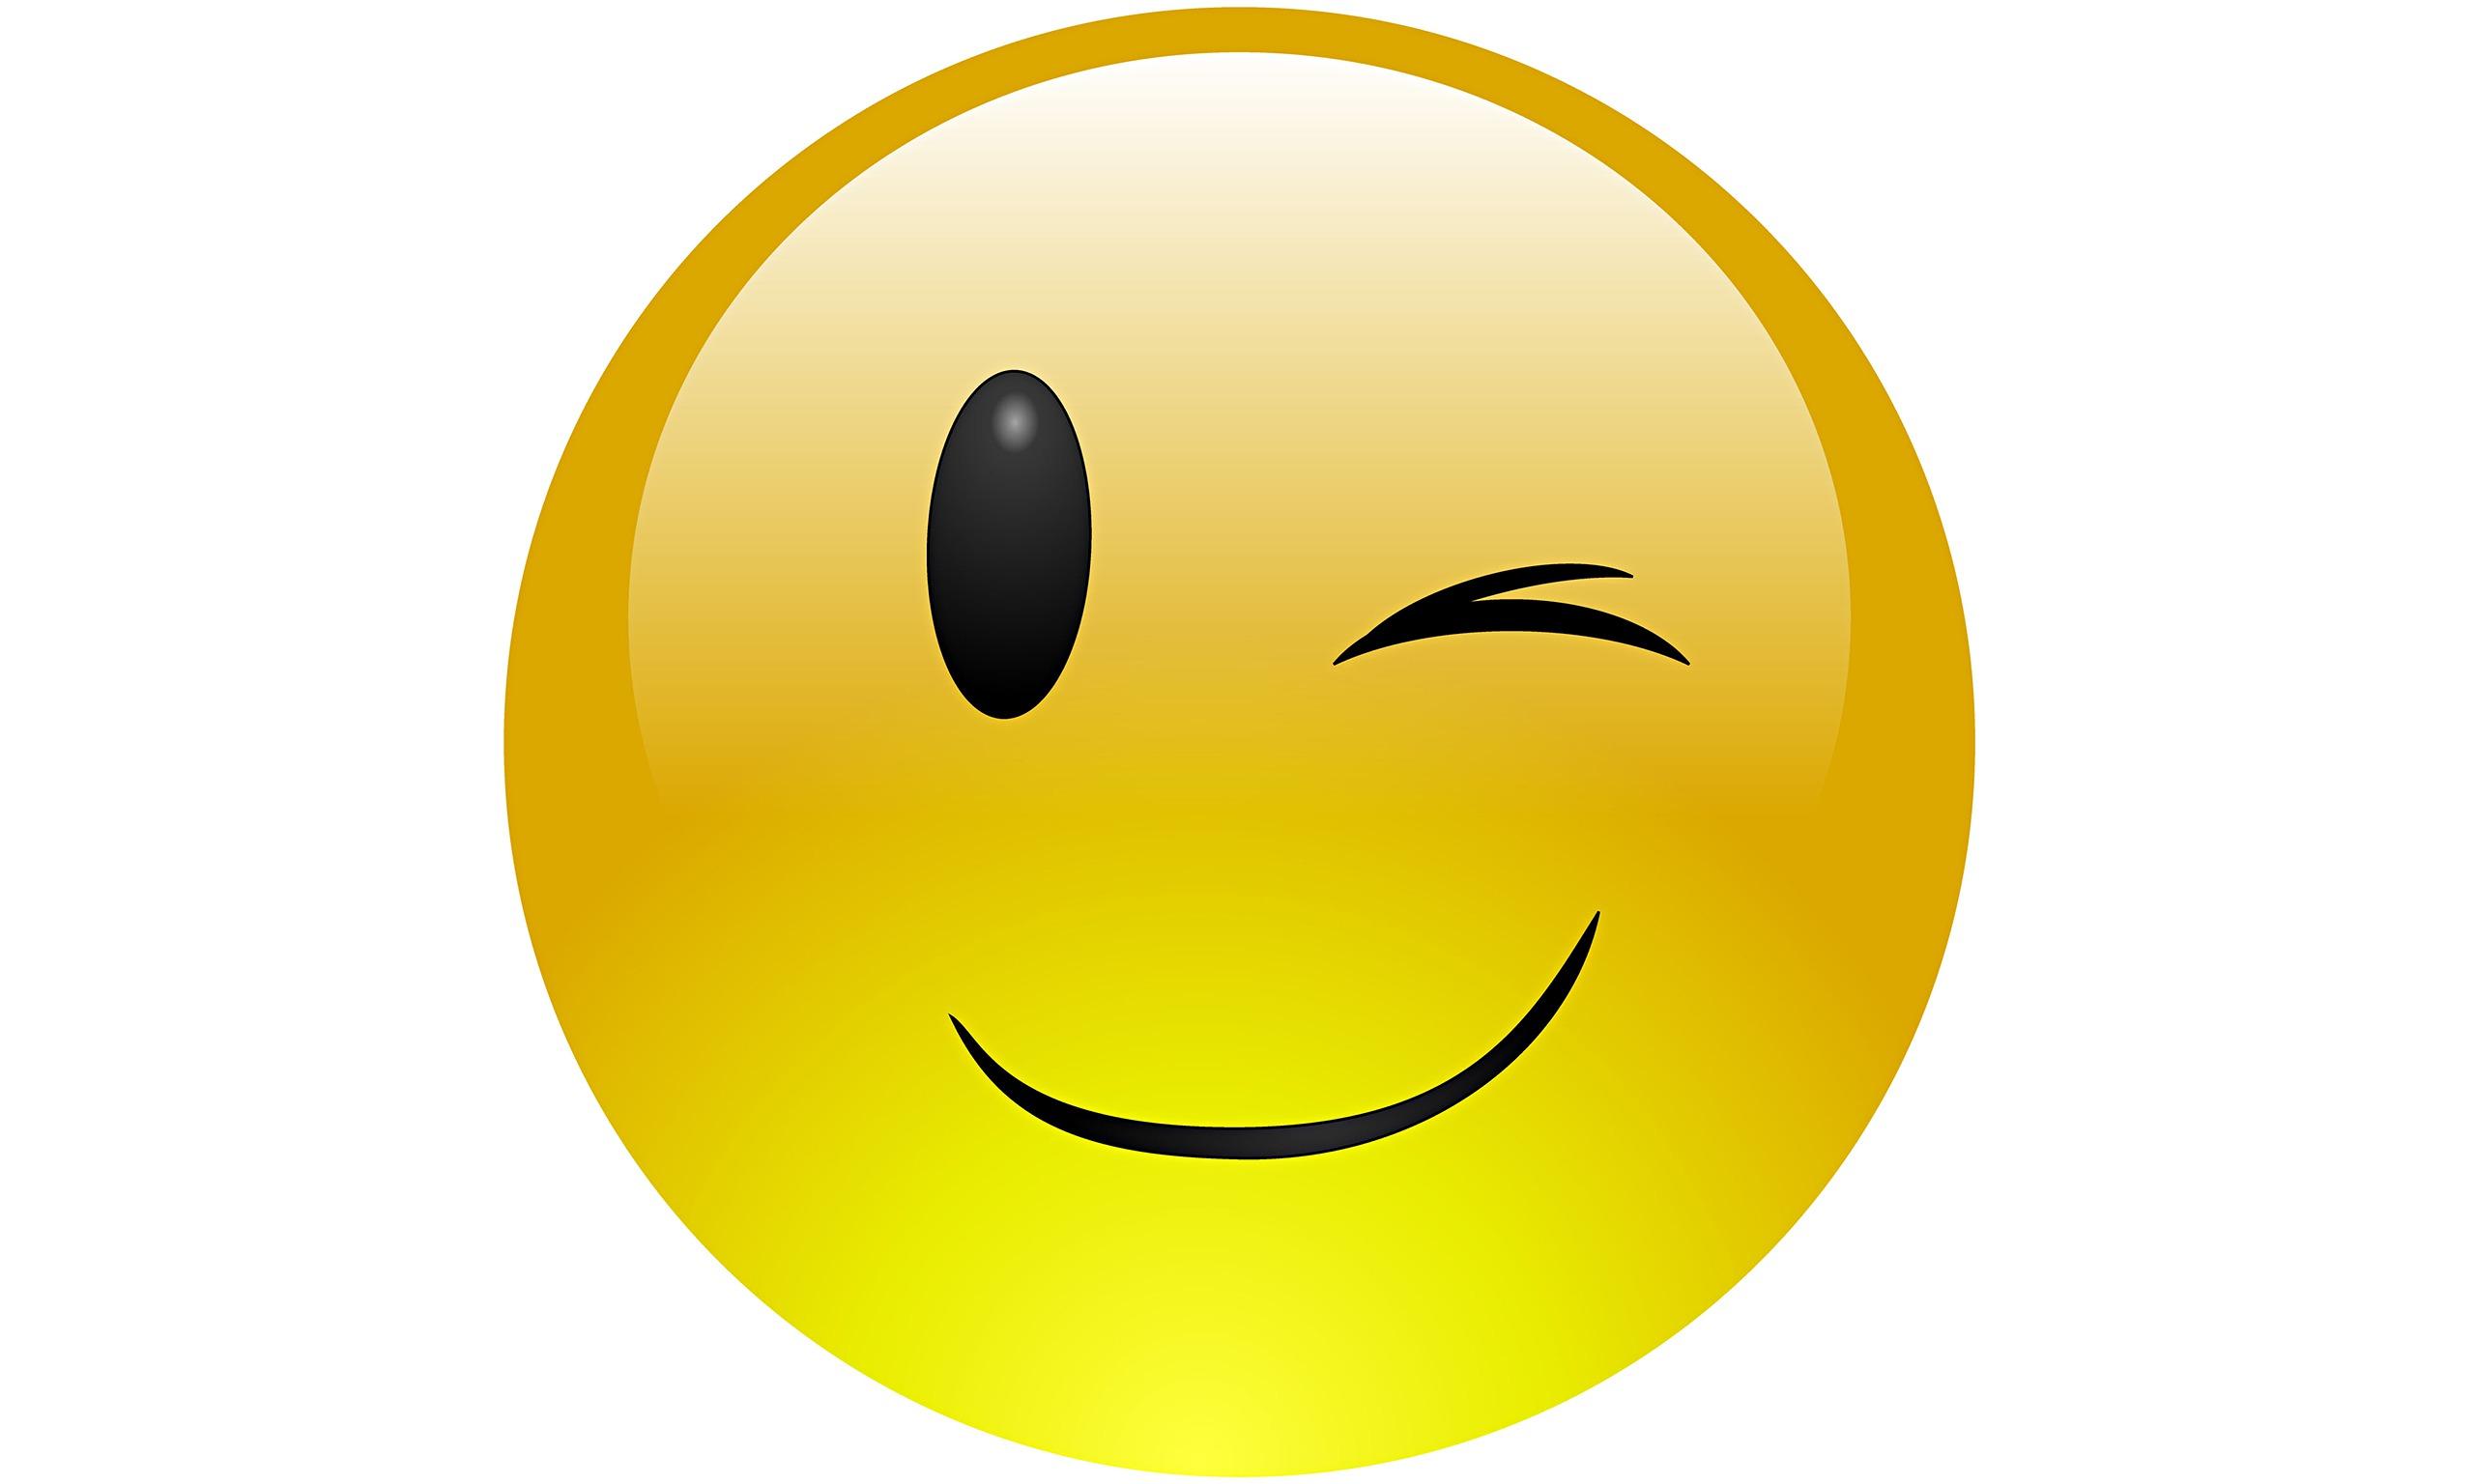 Wink emoji clipart graphic download Winking emoji clip art winking eye clipart kid - ClipartBarn graphic download